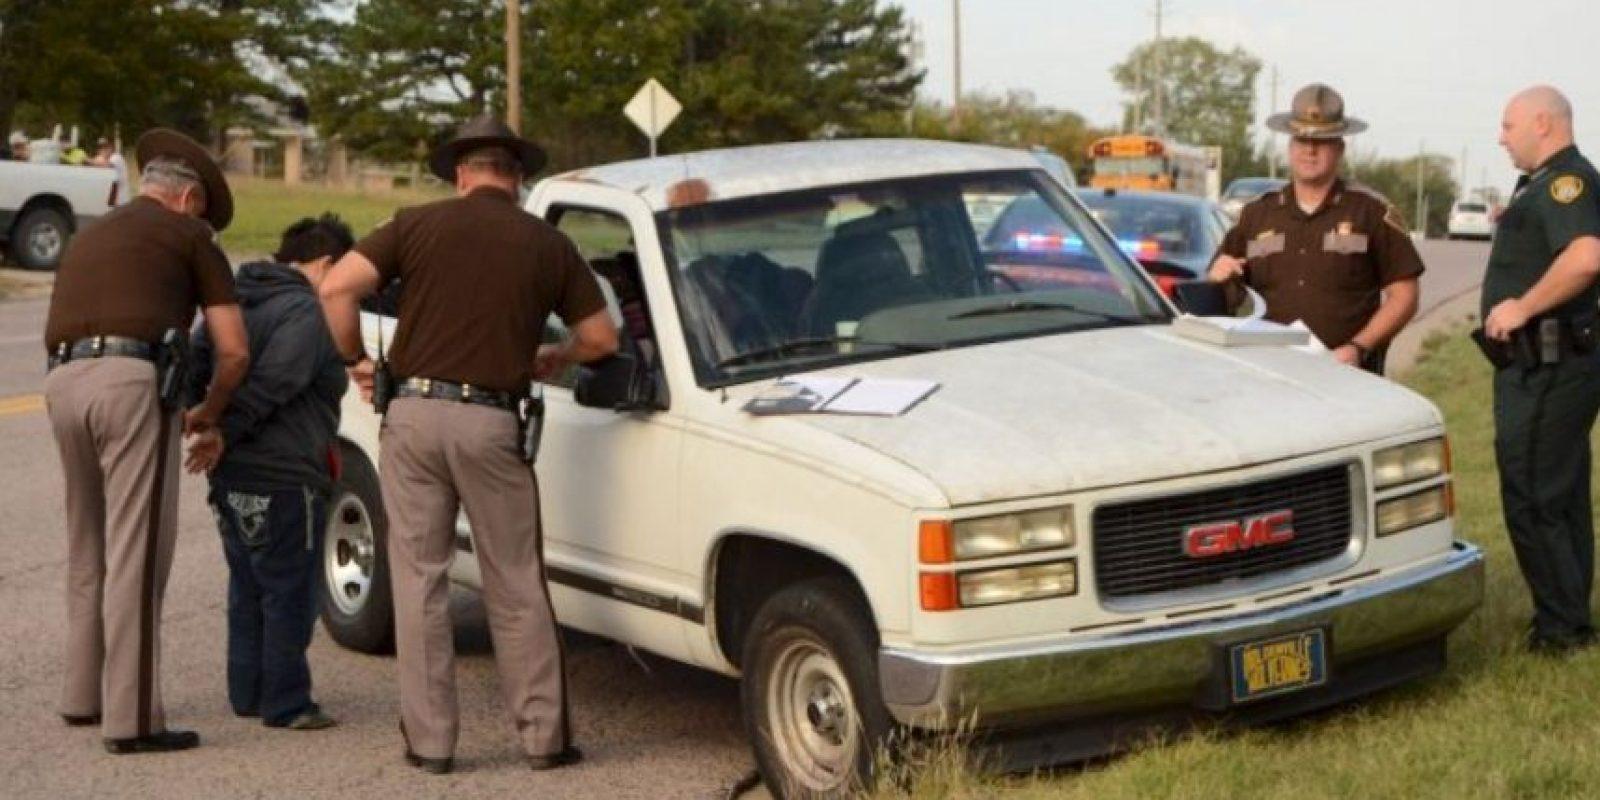 Los oficiales descubrieron una botella de licor casi vacía en el piso de la camioneta. Foto:AP